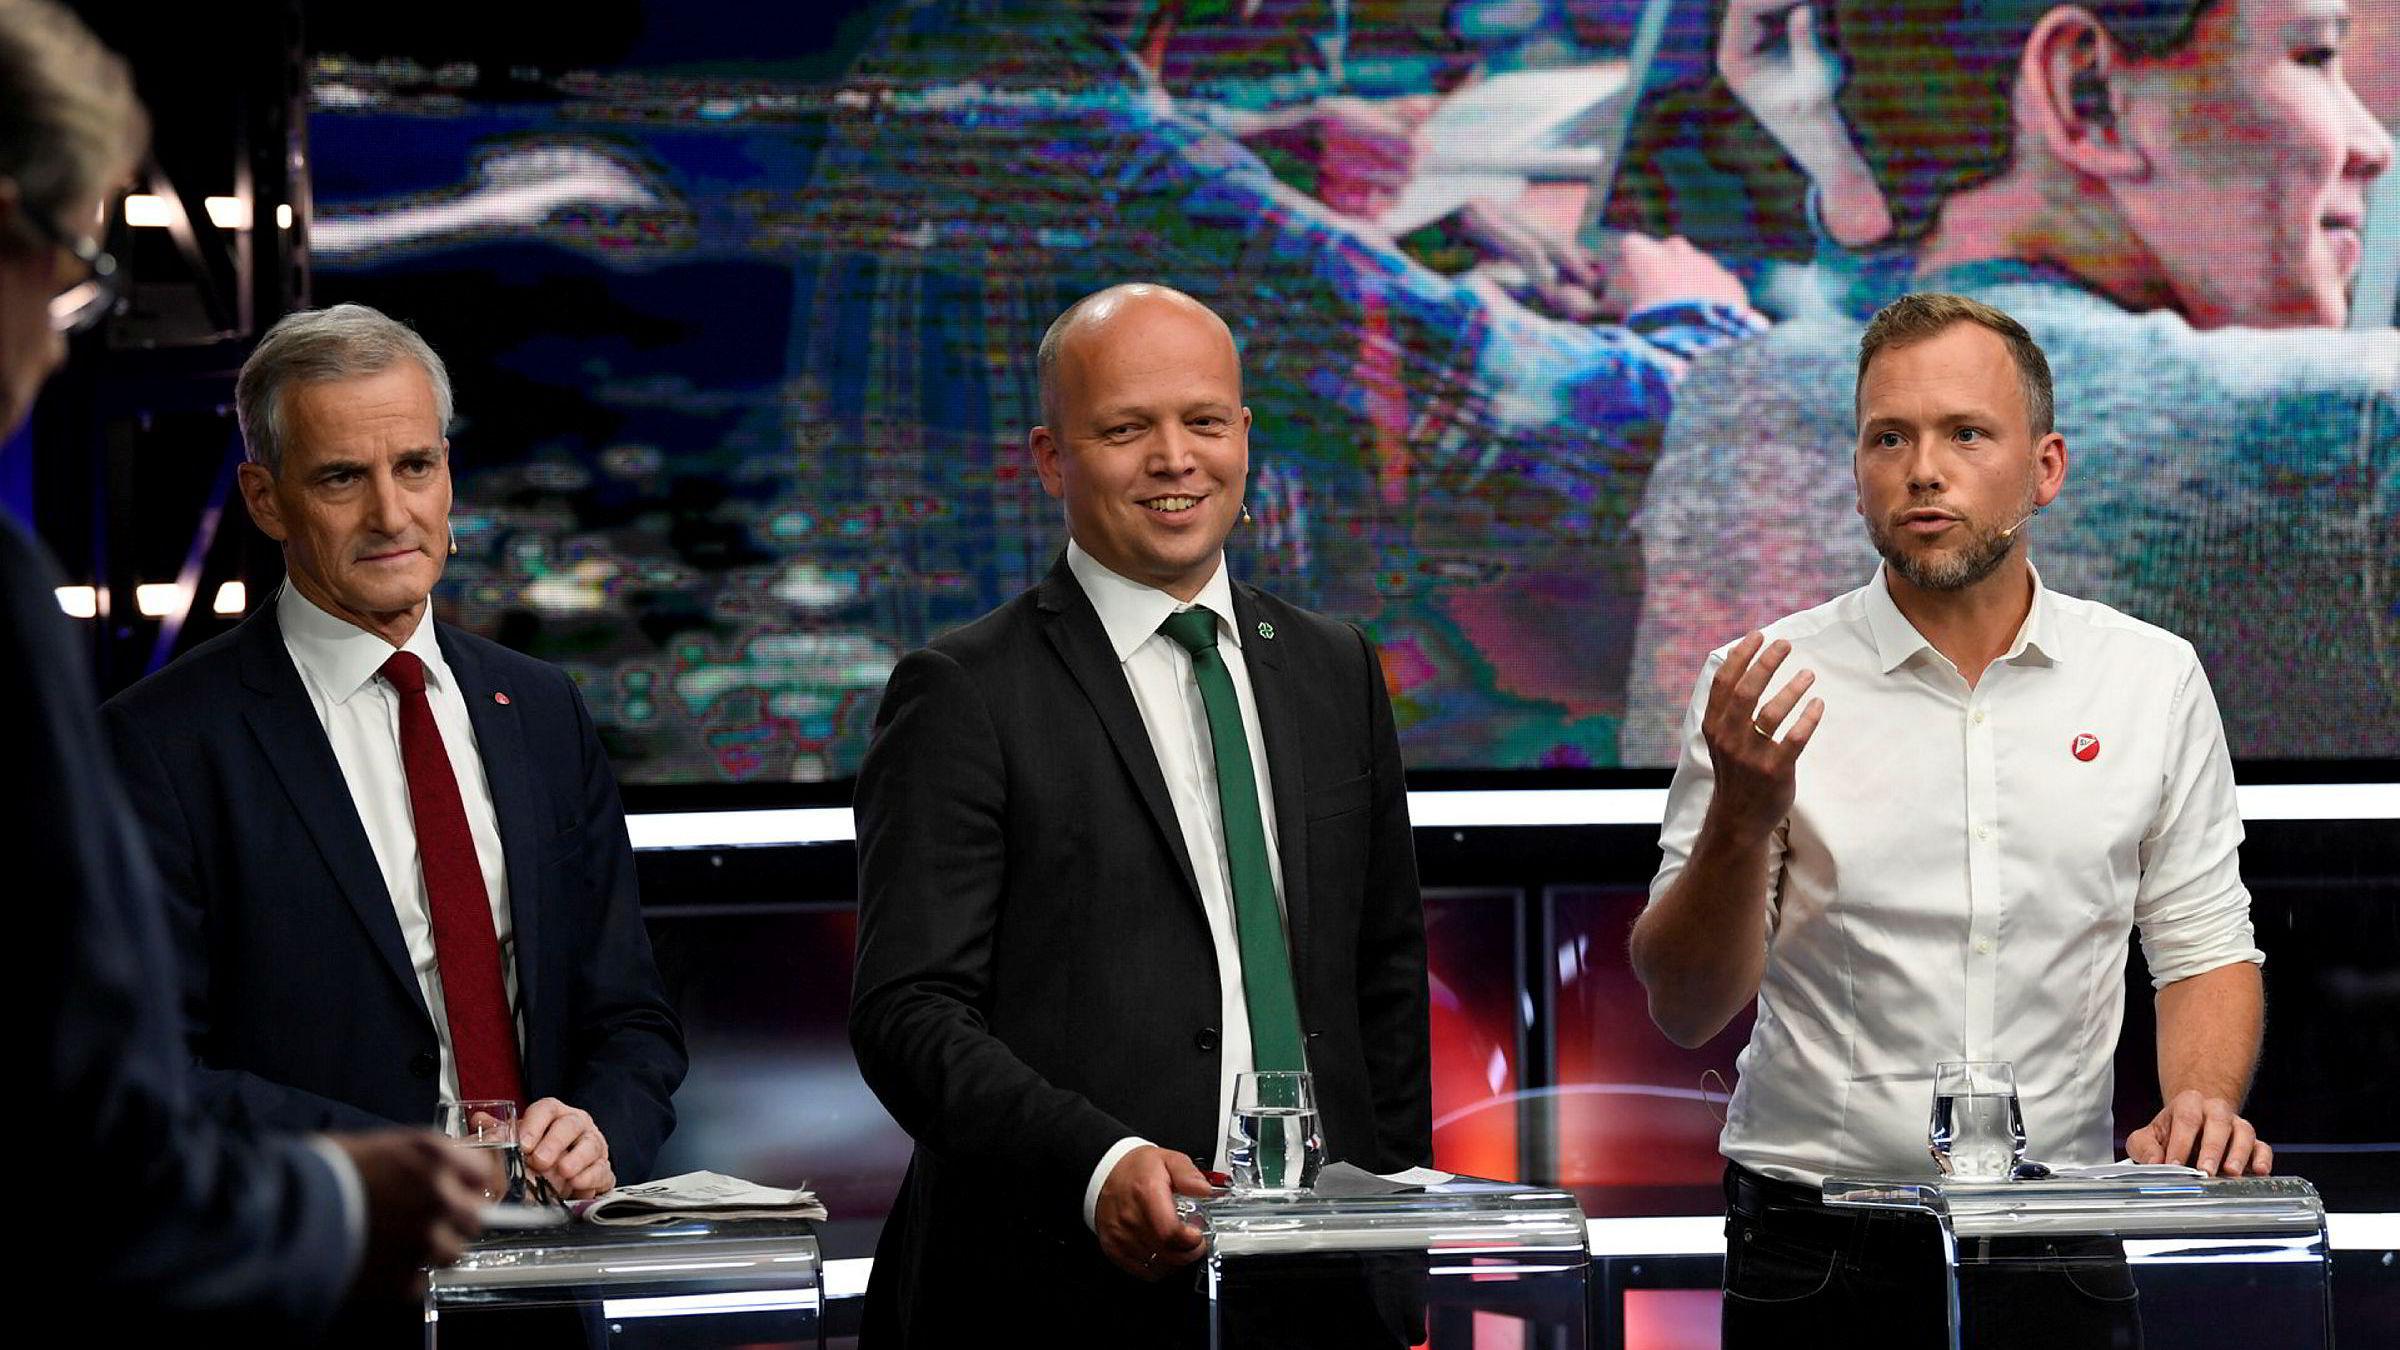 Sammen har Ap-leder Jonas Gahr Støre (fra venstre), Sp-leder Trygve Slagsvold Vedum og SV-leder Audun Lysbakken rødgrønt flertall på målingene.